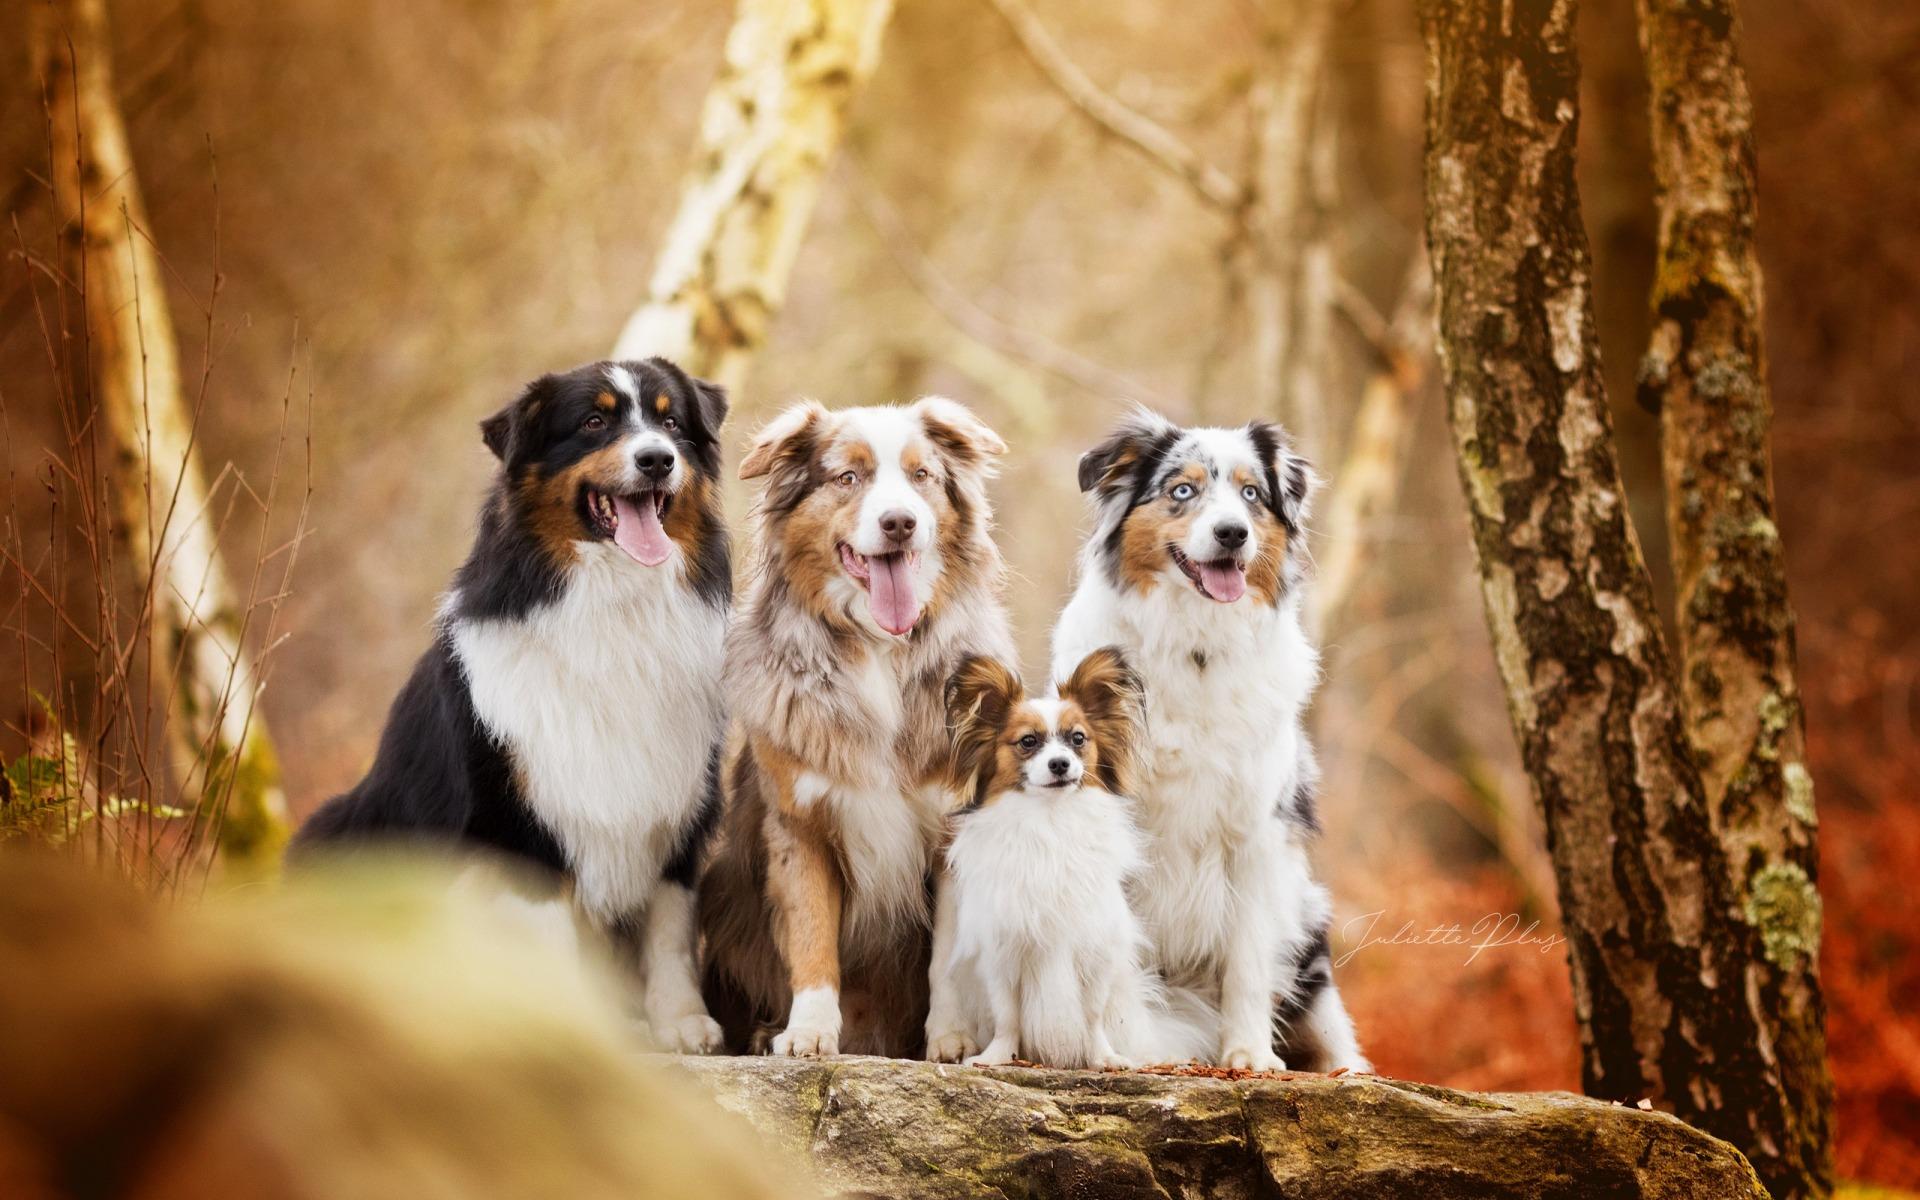 появилась картинки собак разных пород вместе кажется